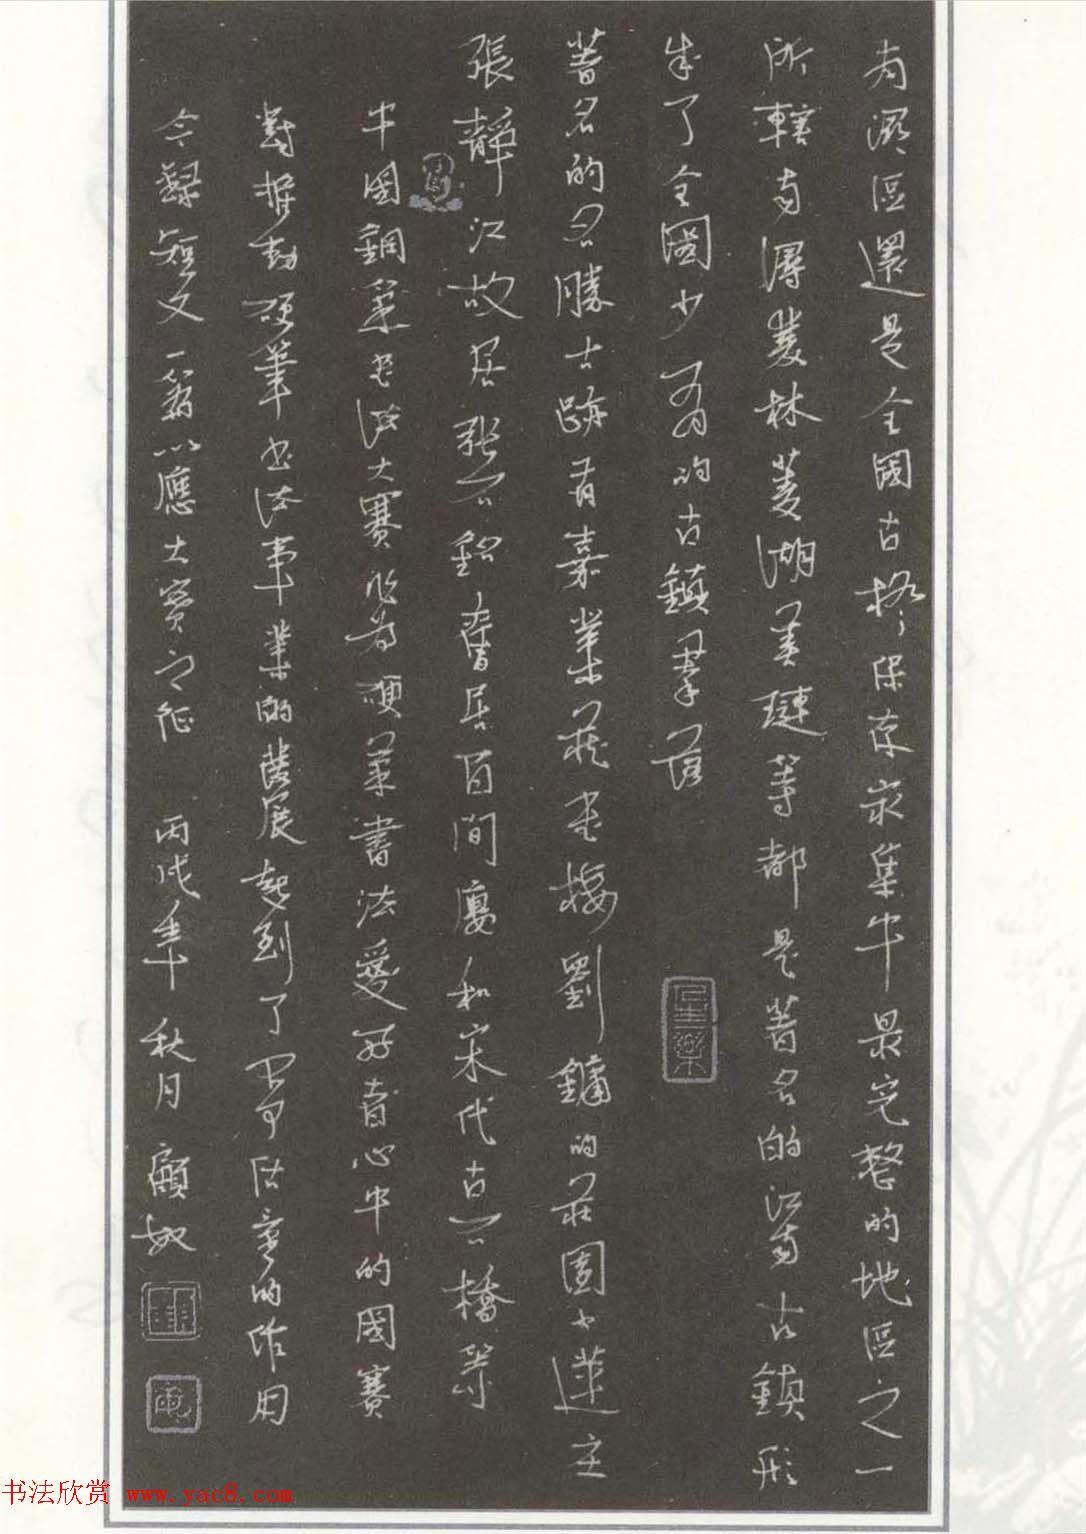 硬笔书法作品集 草书名家精品欣赏 第11页 硬笔书法 书法欣赏